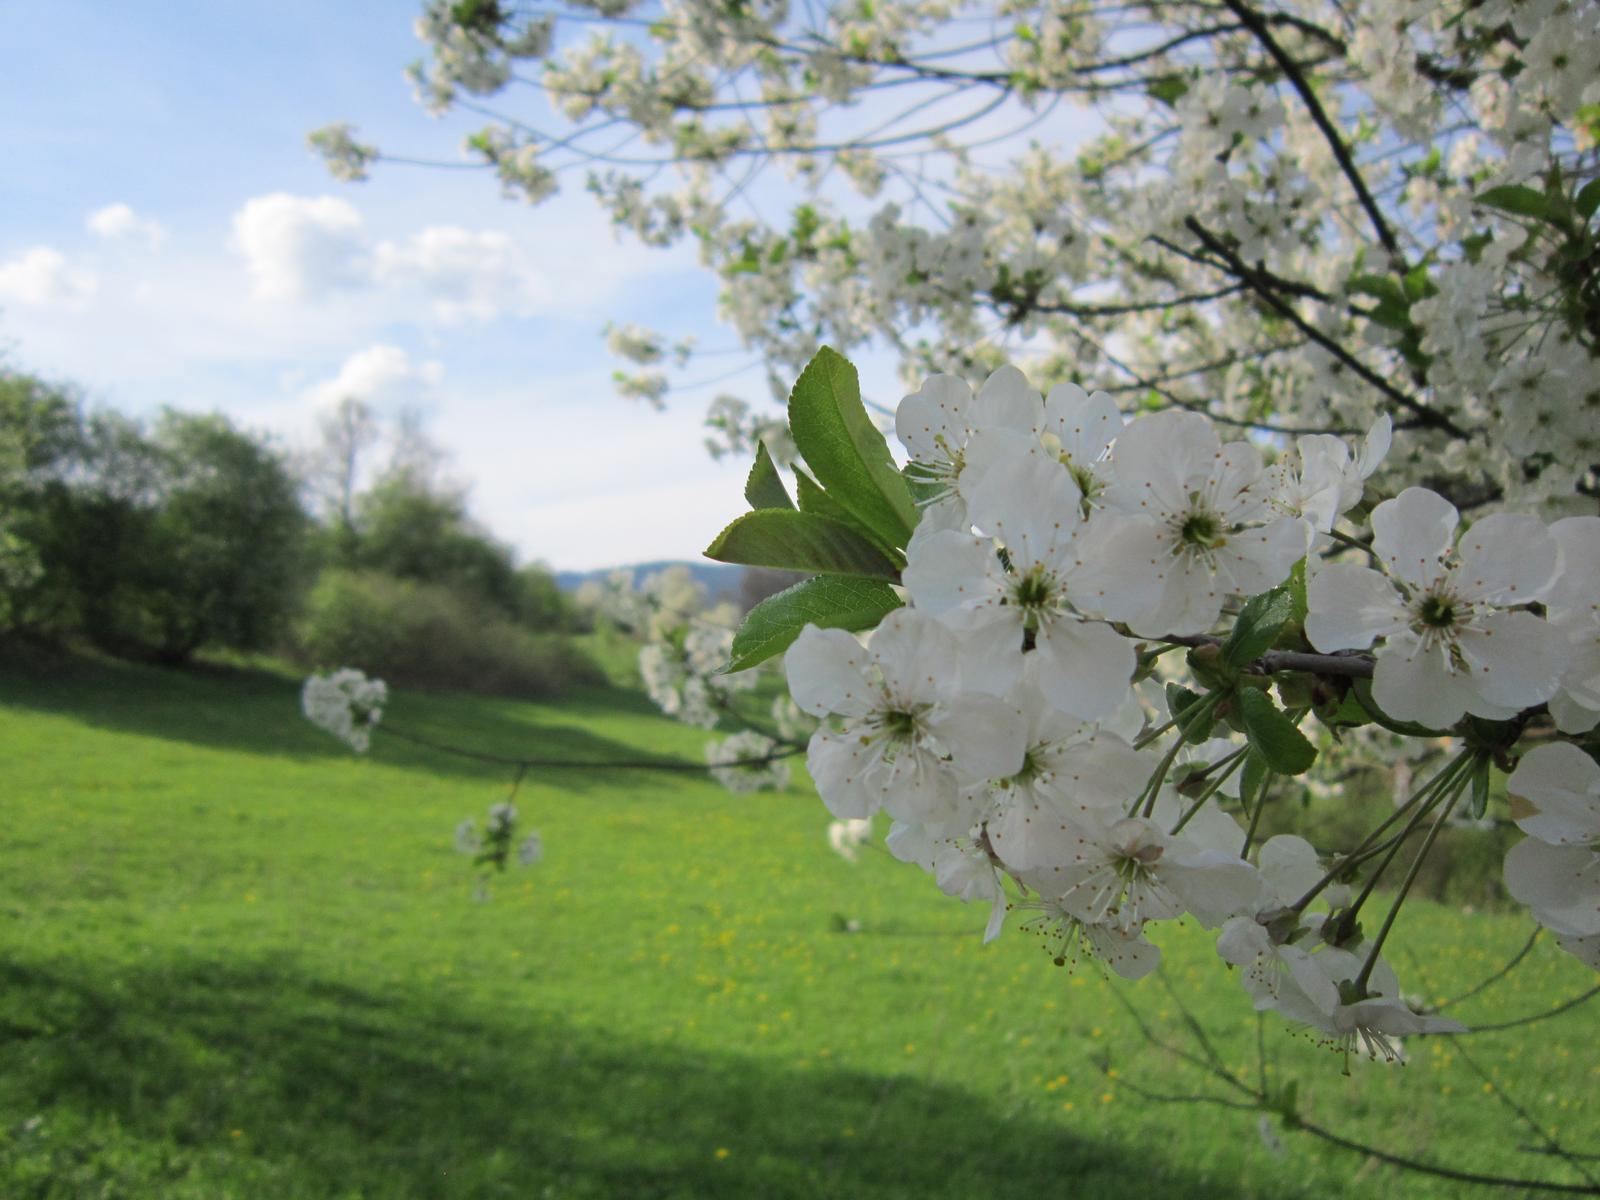 Moja záhrada...ako šiel čas - na 1.mája by nemal chýbať obrázok rozkvitnutej čerešne...